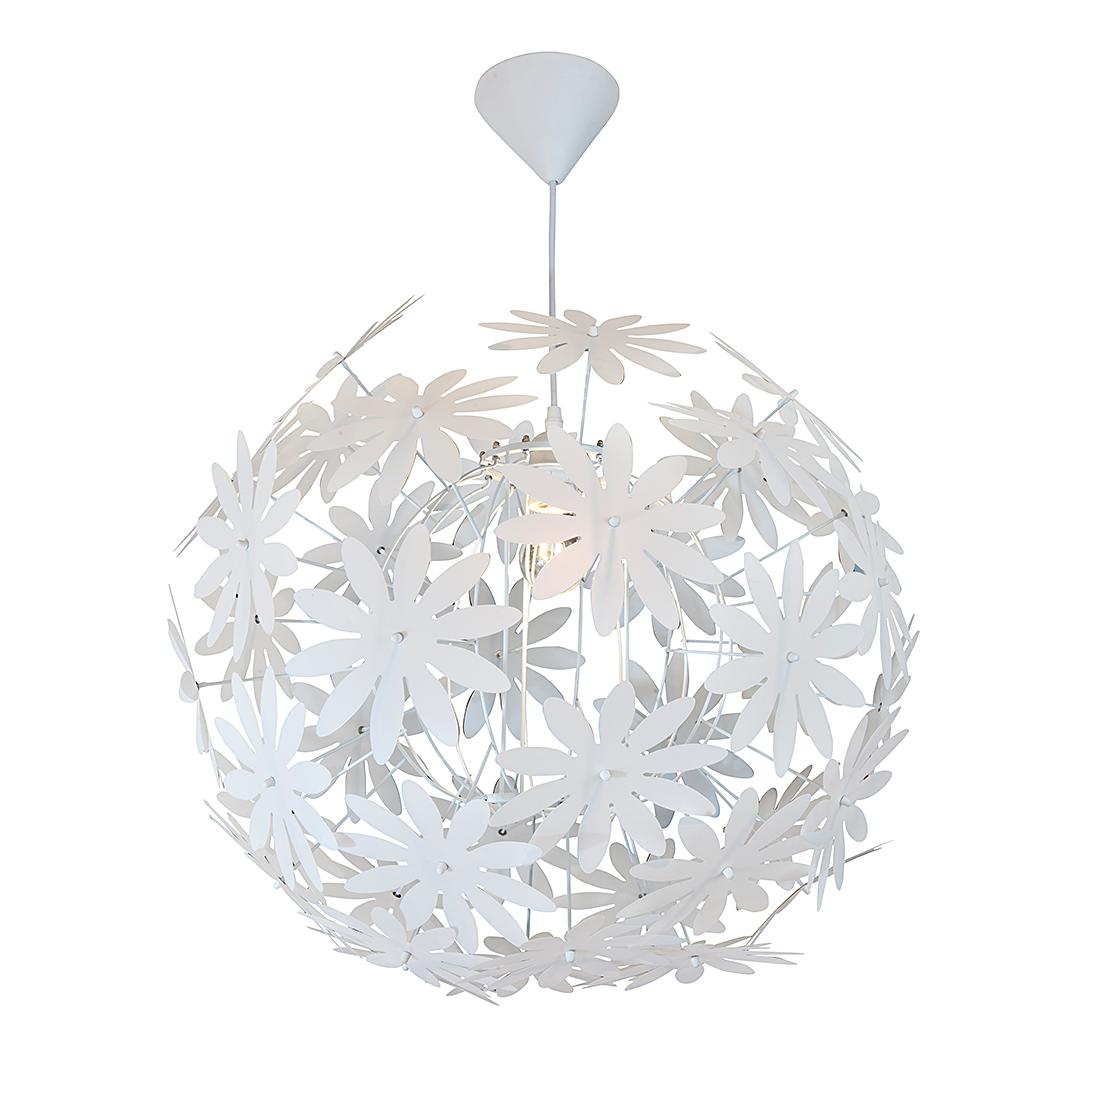 pendelleuchte deckenlampe lampe blumen metall kunststoff deko wei leuchte neu ebay. Black Bedroom Furniture Sets. Home Design Ideas